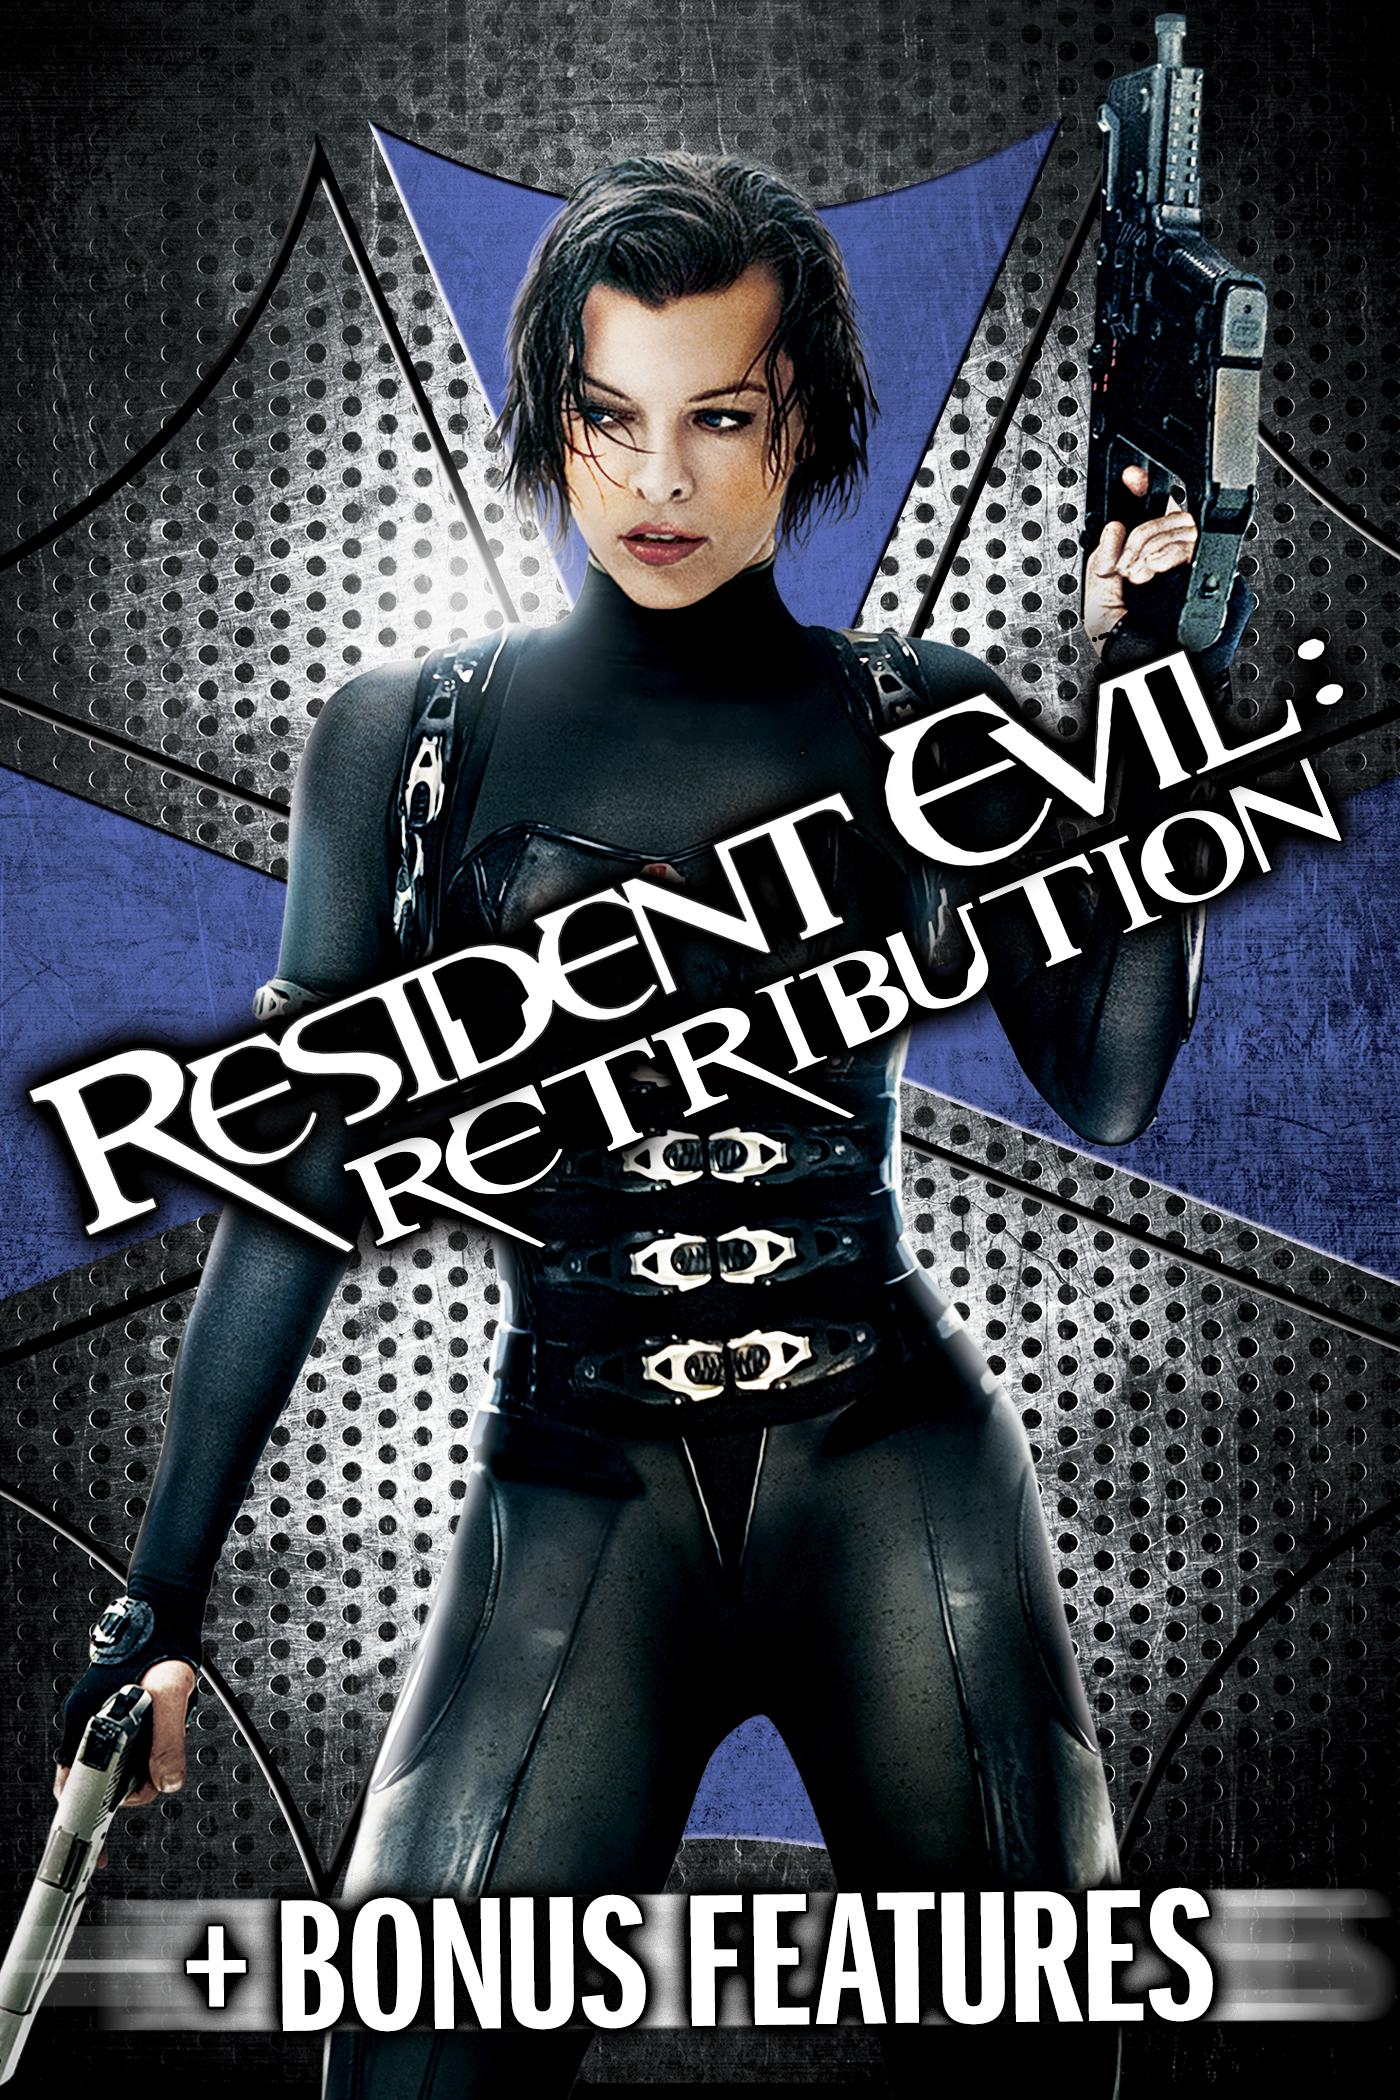 Resident Evil: Retribution + Bonus